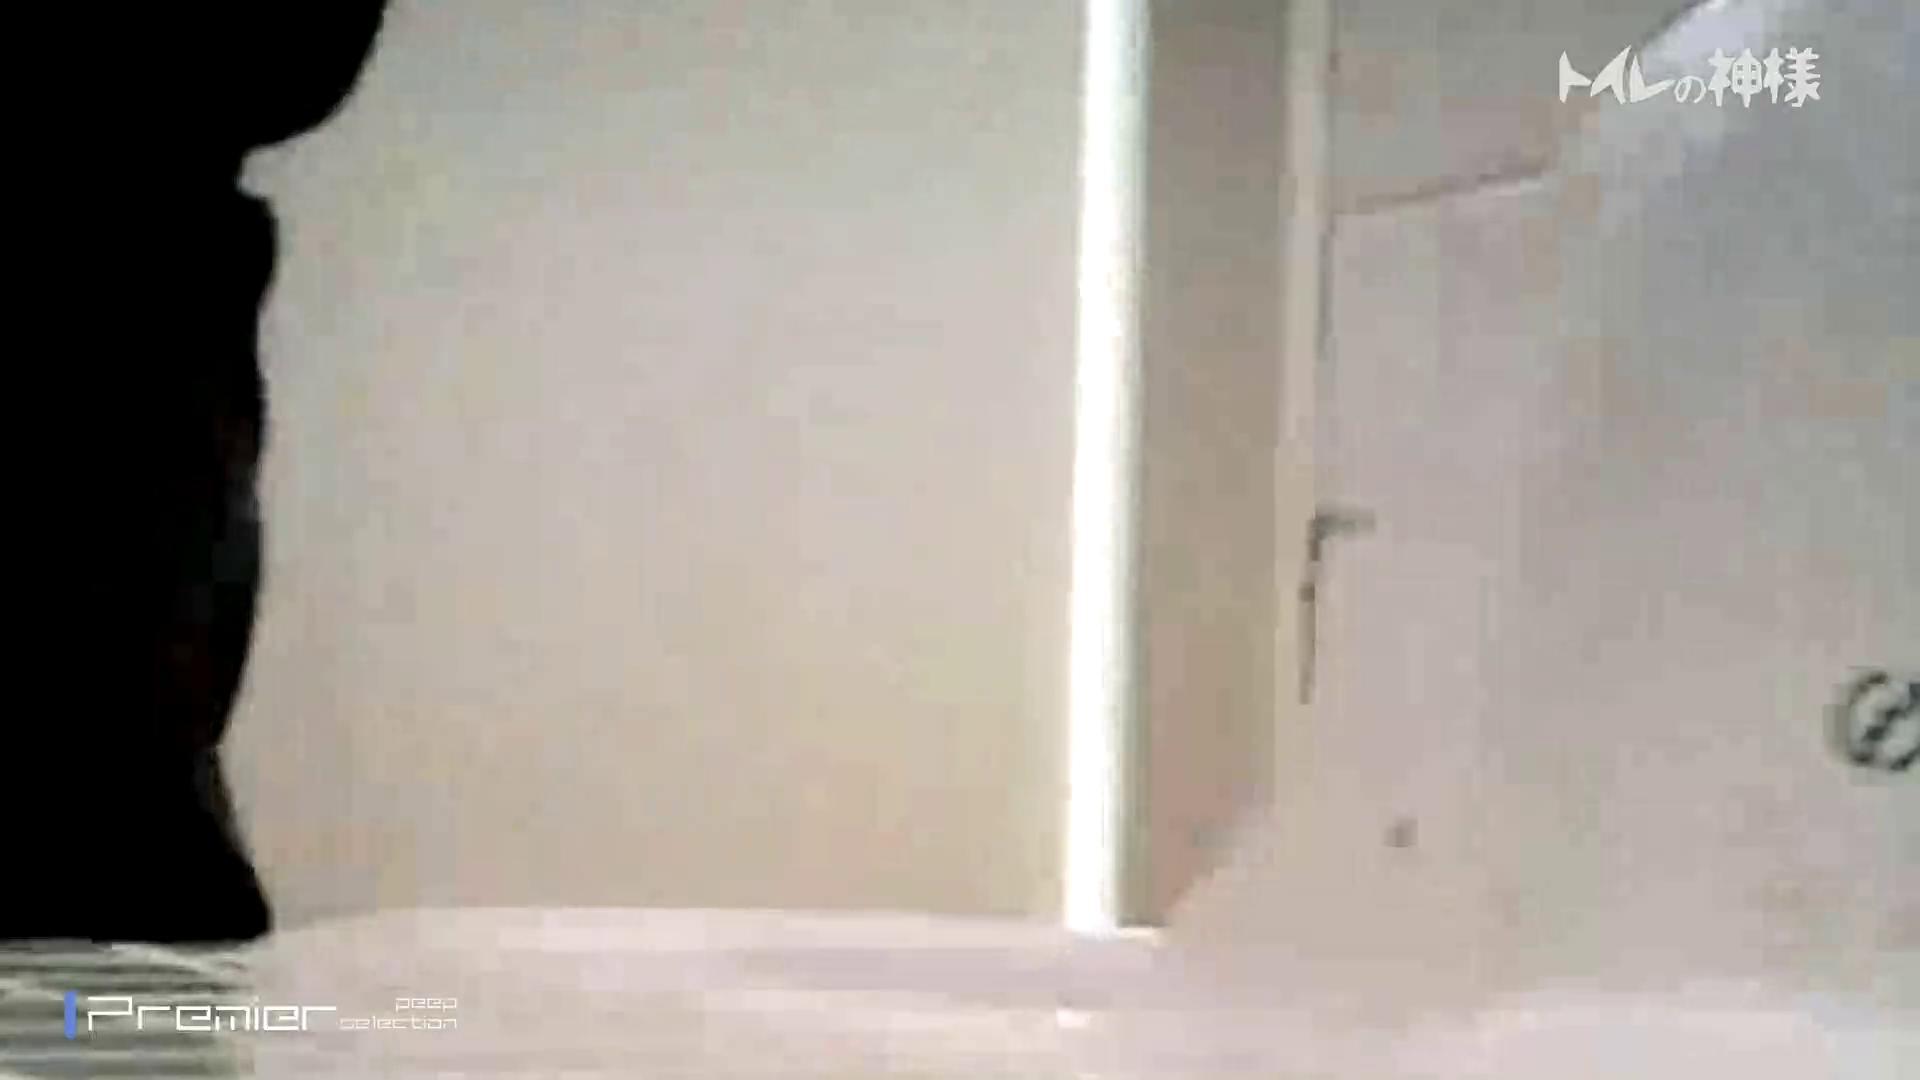 kyouko排泄 うんこをたくさん集めました。トイレの神様 Vol.14 エッチすぎるOL達 AV無料動画キャプチャ 19連発 14